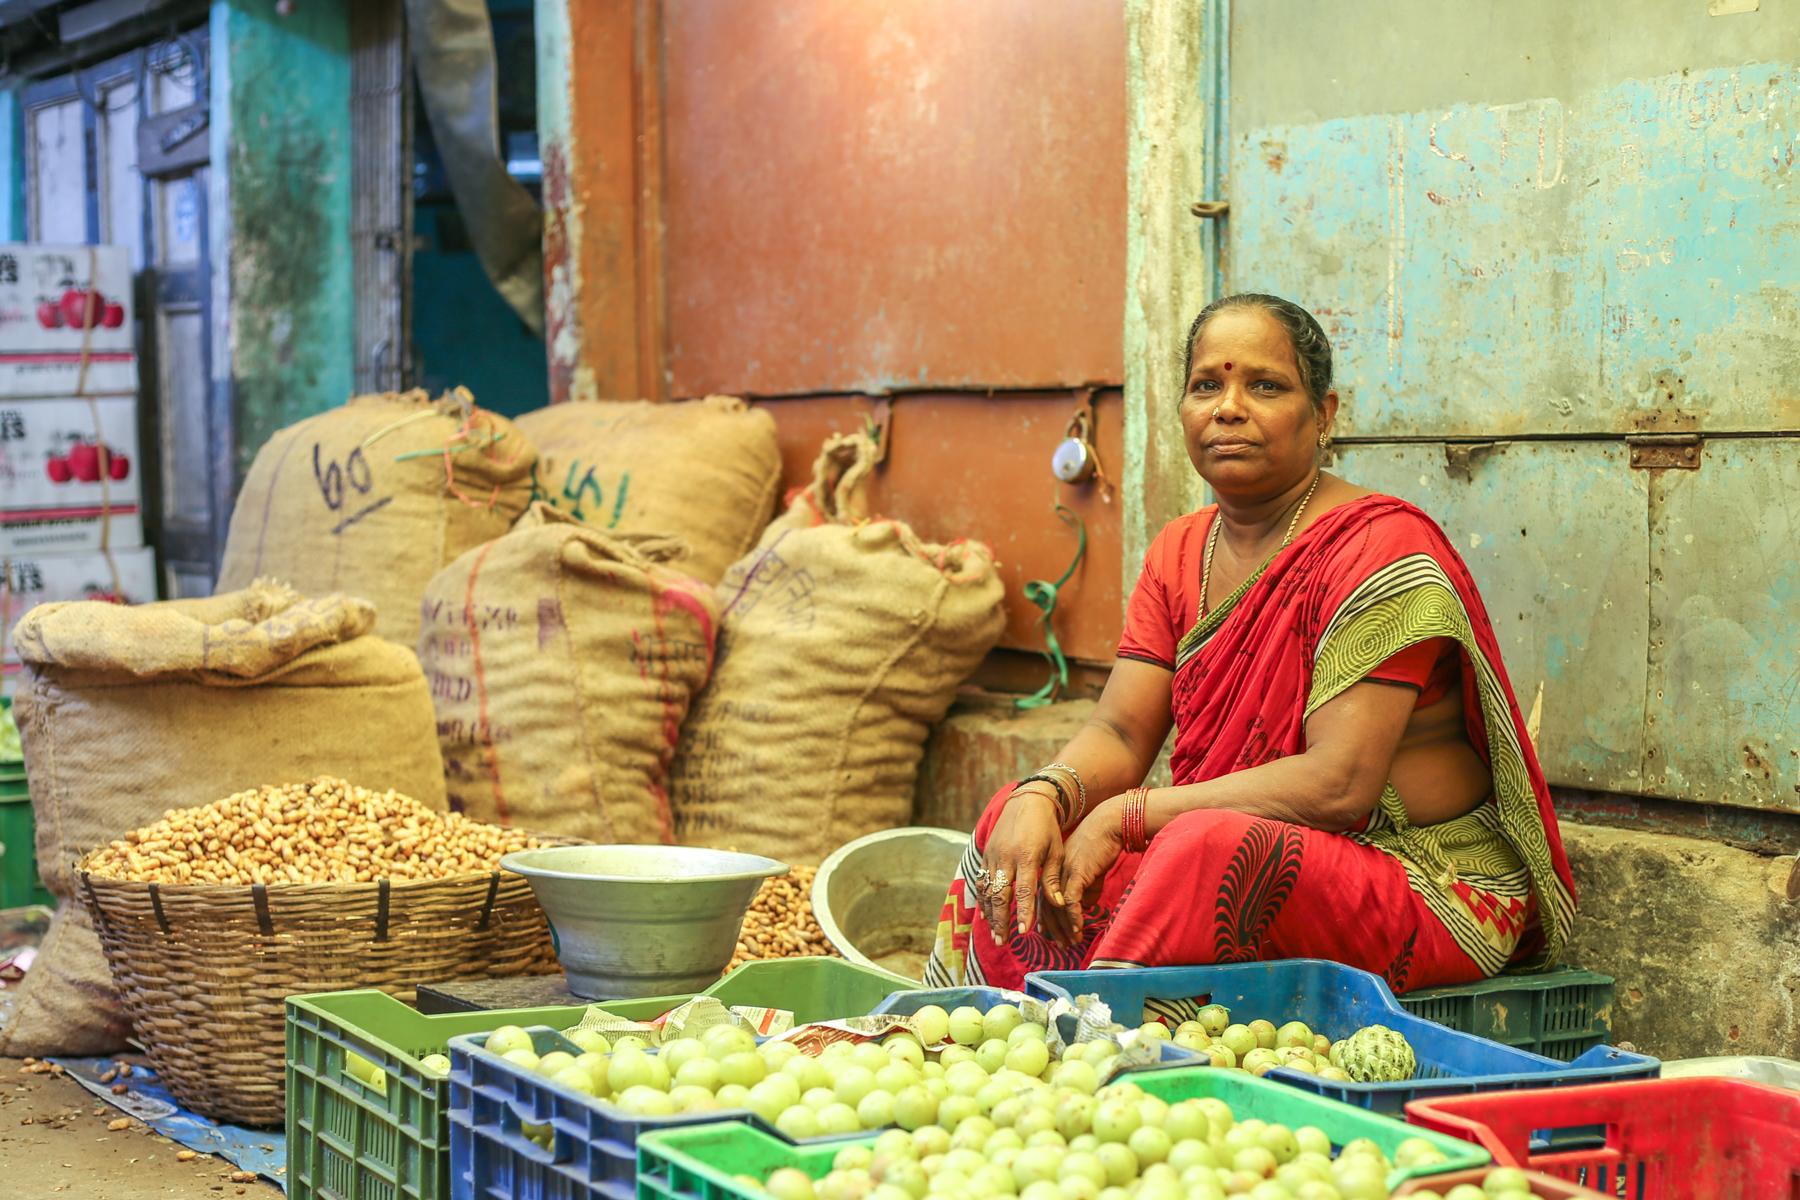 Inde-marché-photo-pondichery-goubert-market